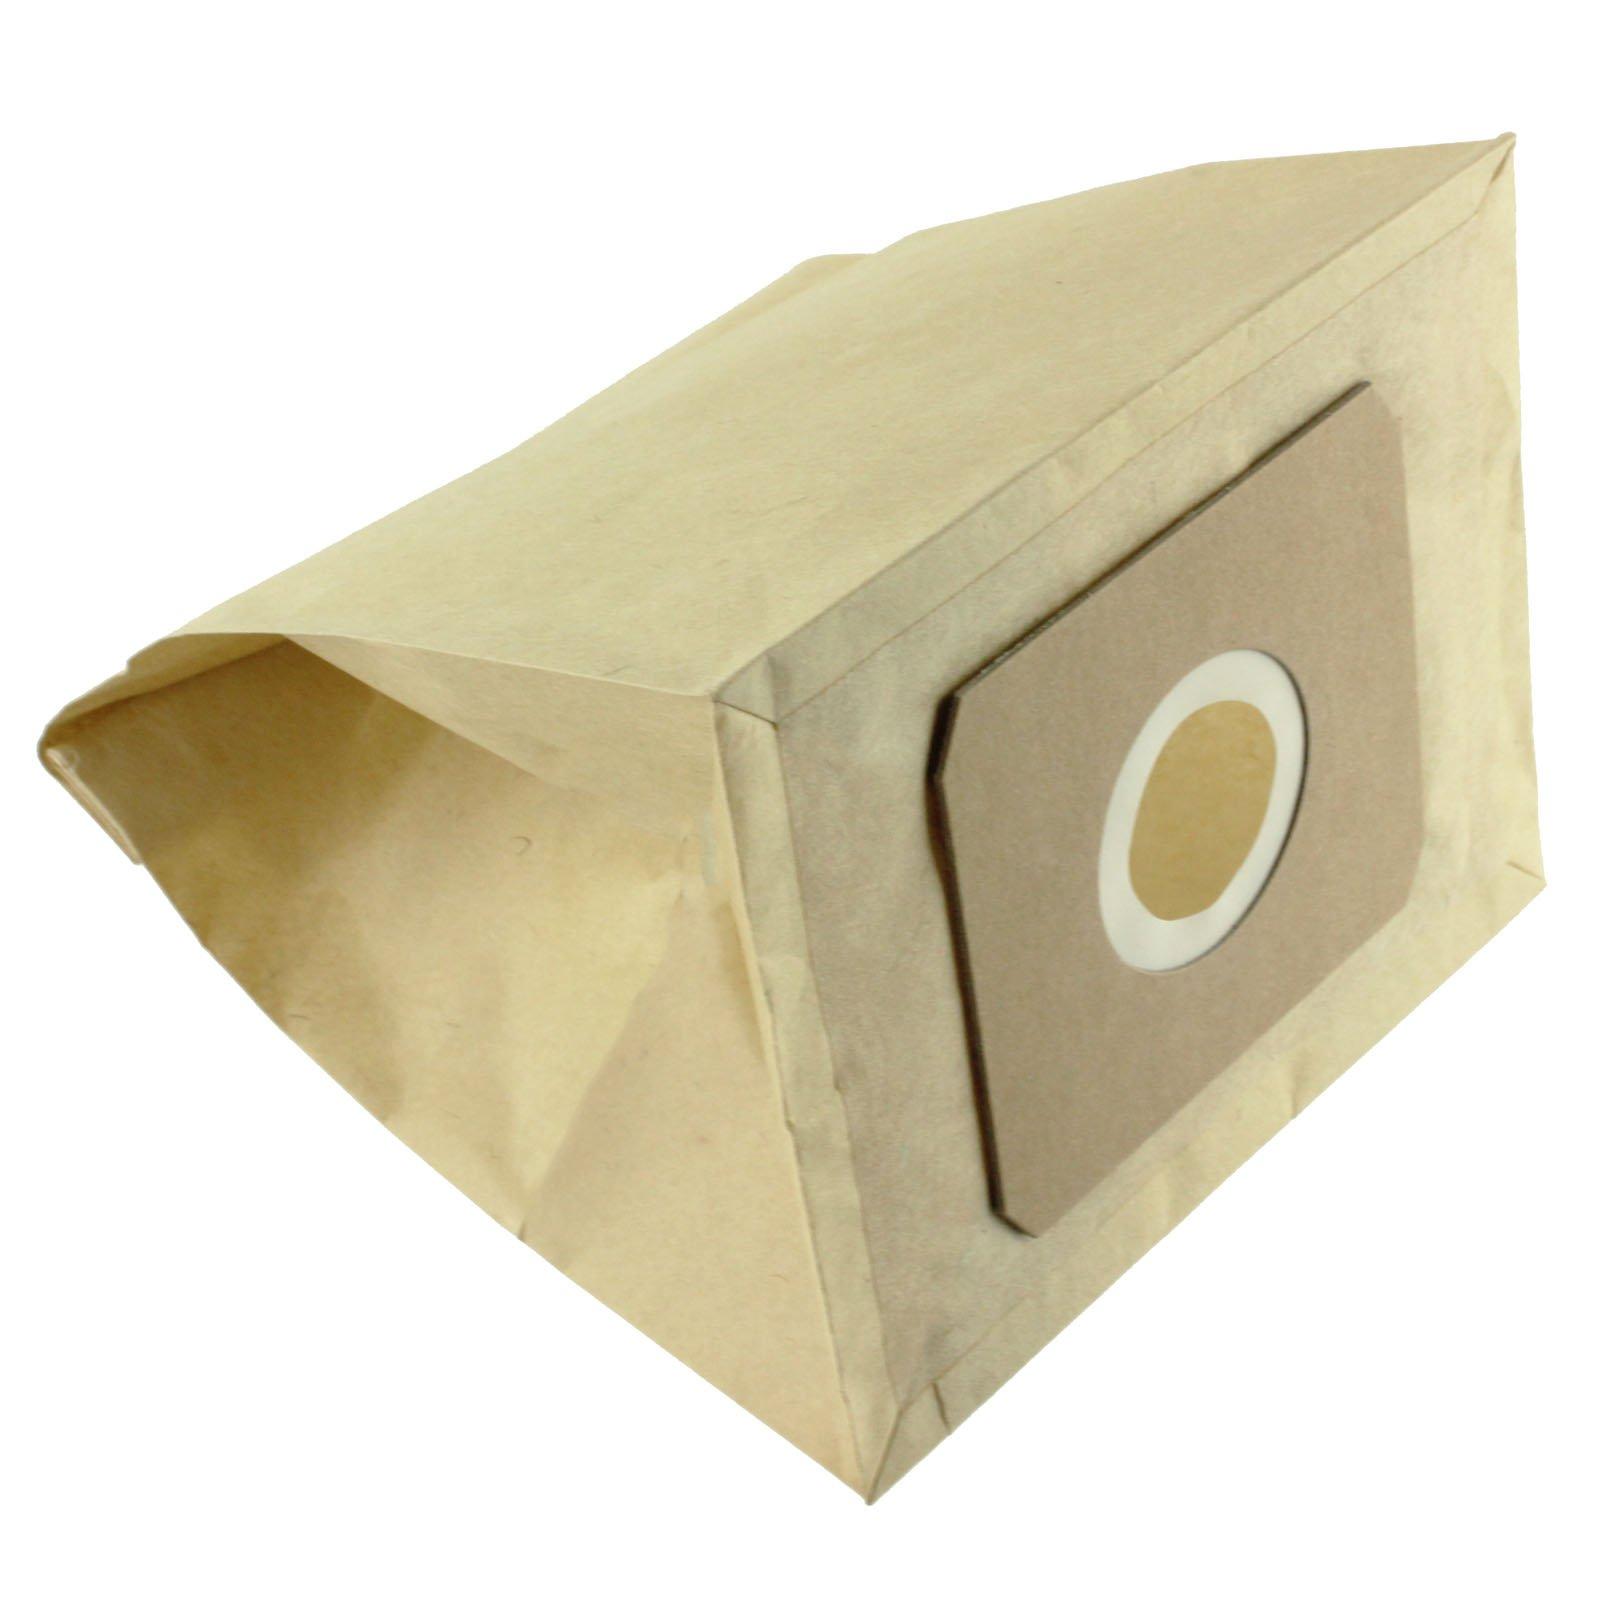 Spares2go fuertes bolsas de polvo para Dirt Devil aspiradora (paquete de 5, 10, 15, 20 + ambientadores opcional) 10 Bags + 10 Fresheners: Amazon.es: Hogar